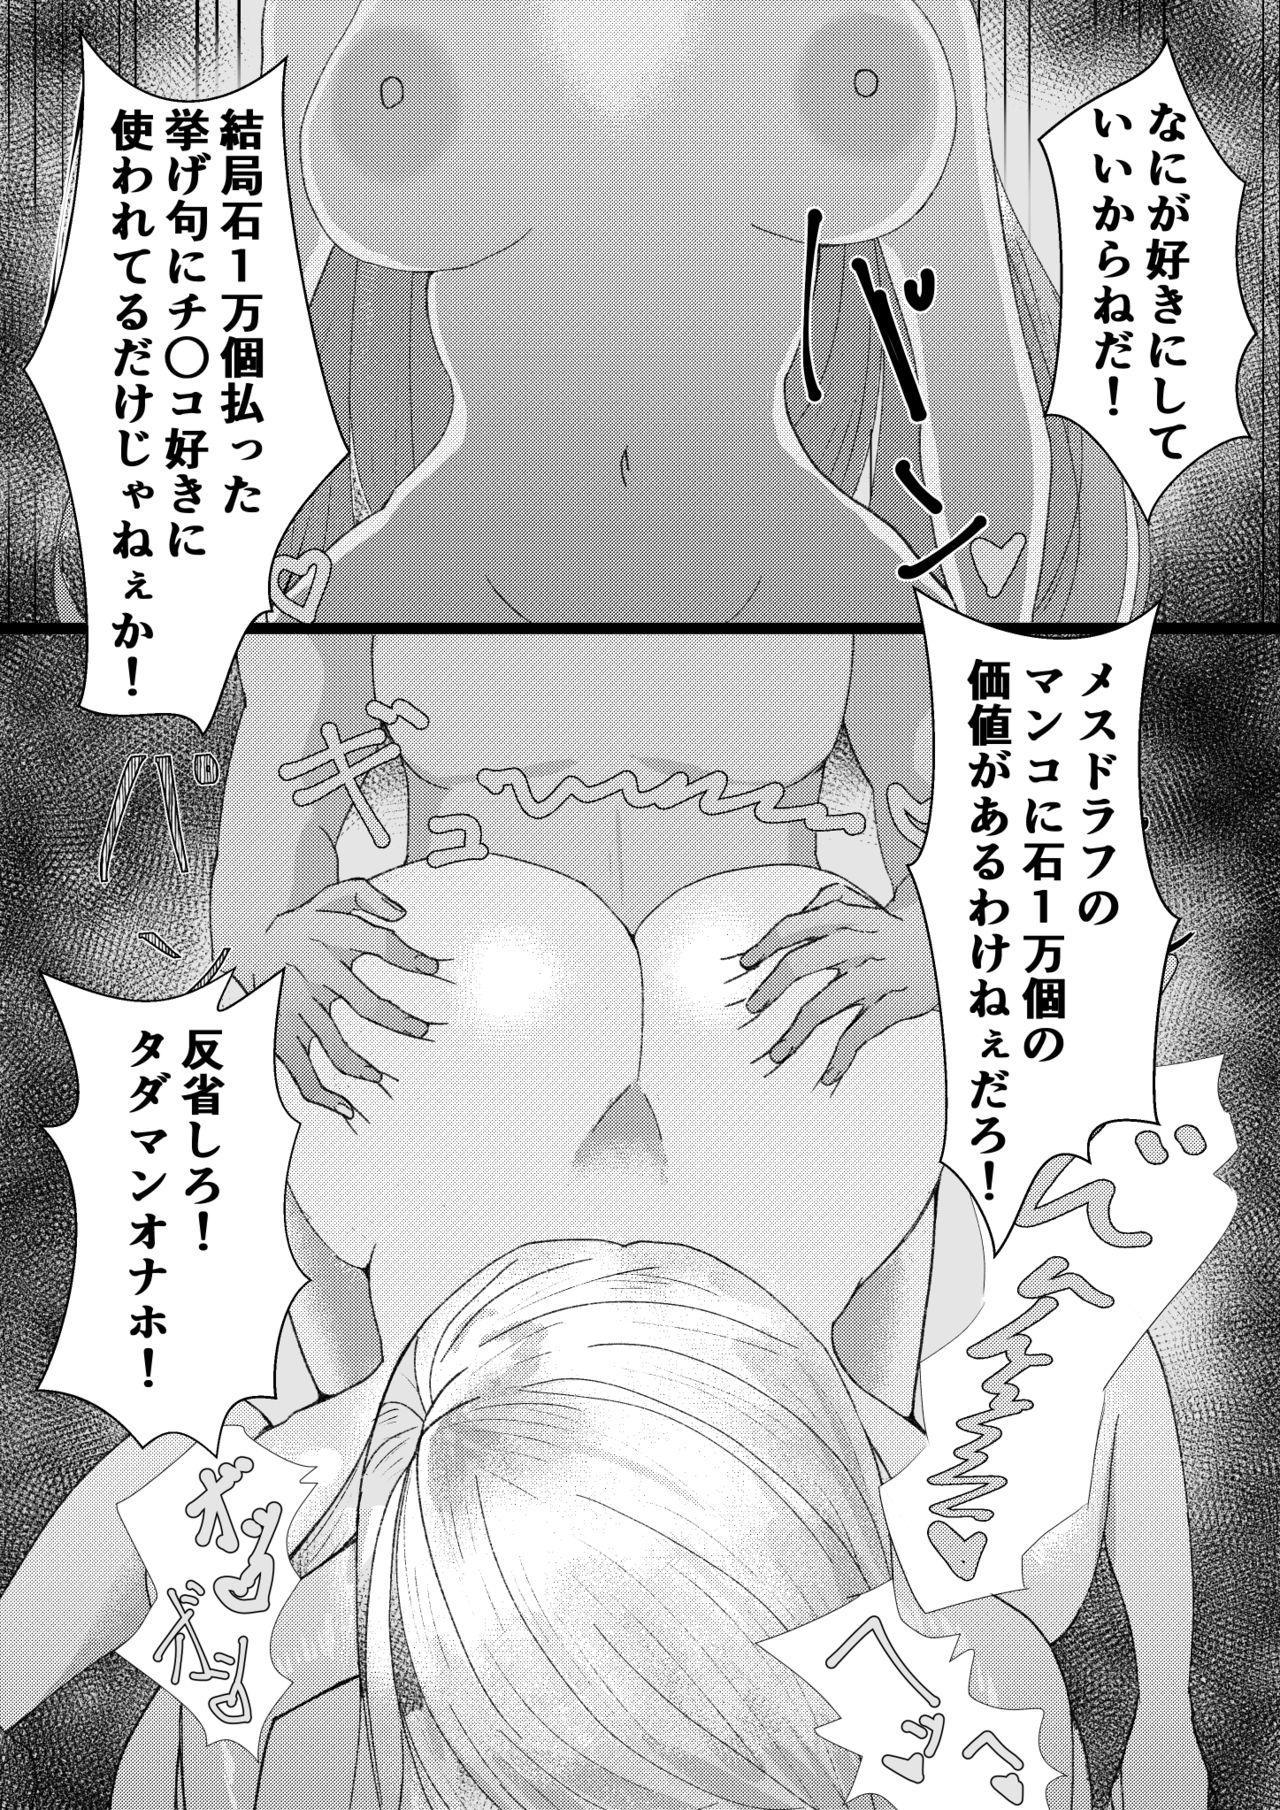 今更古戦場おつかれ漫画 2